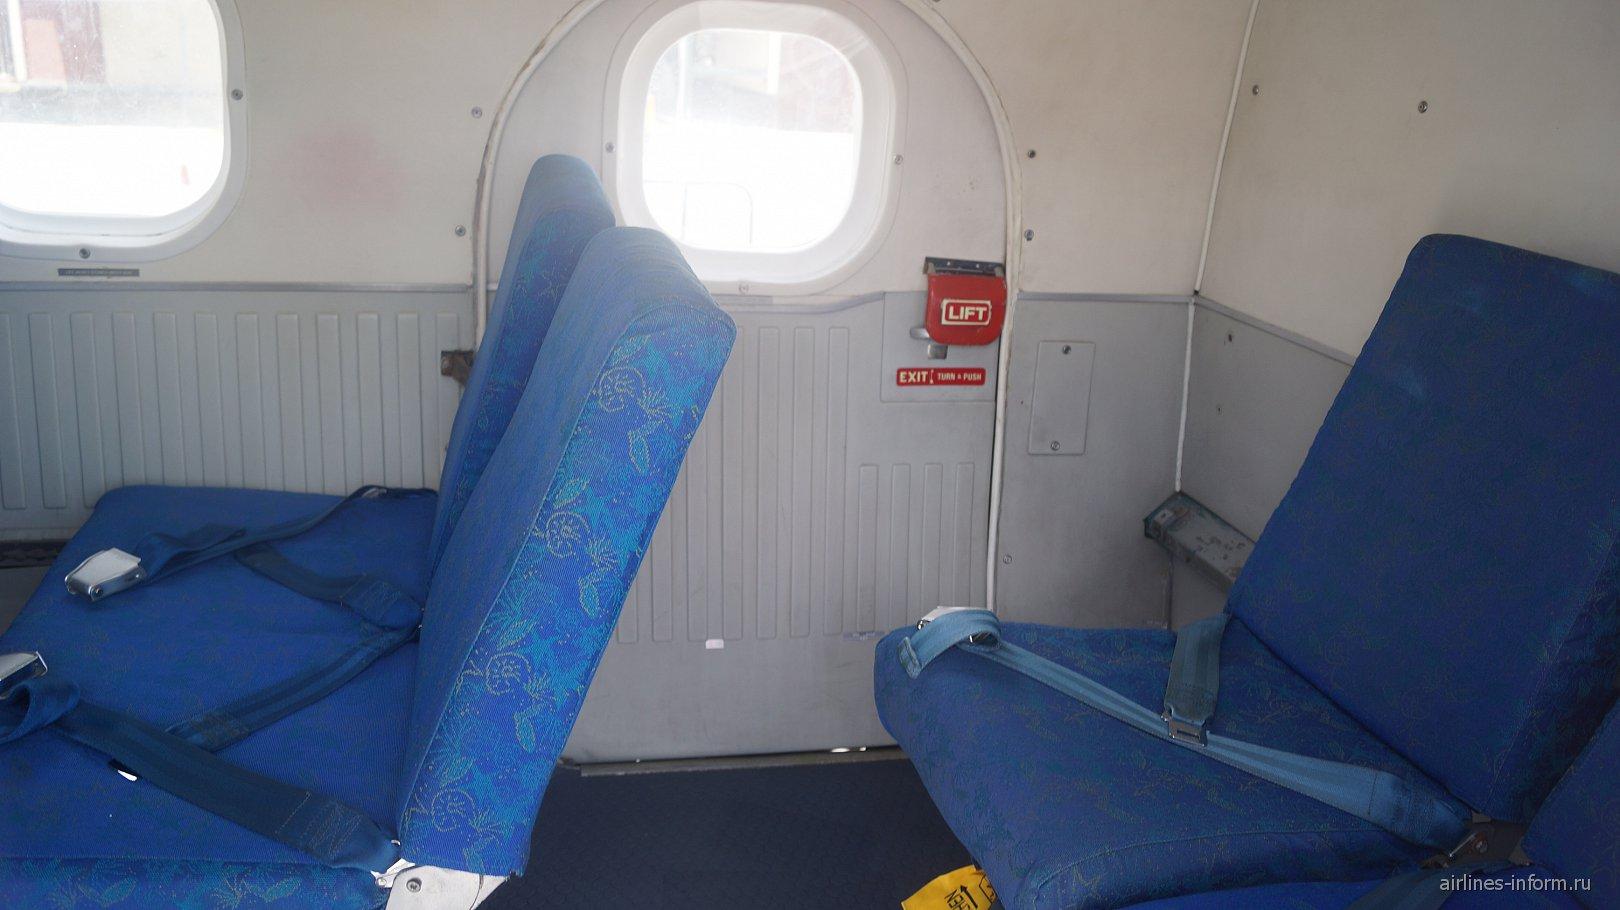 Пассажирские кресла у аварийного выхода в самолете DHC-6 Twin Otter авиакомпании Air Seychelles